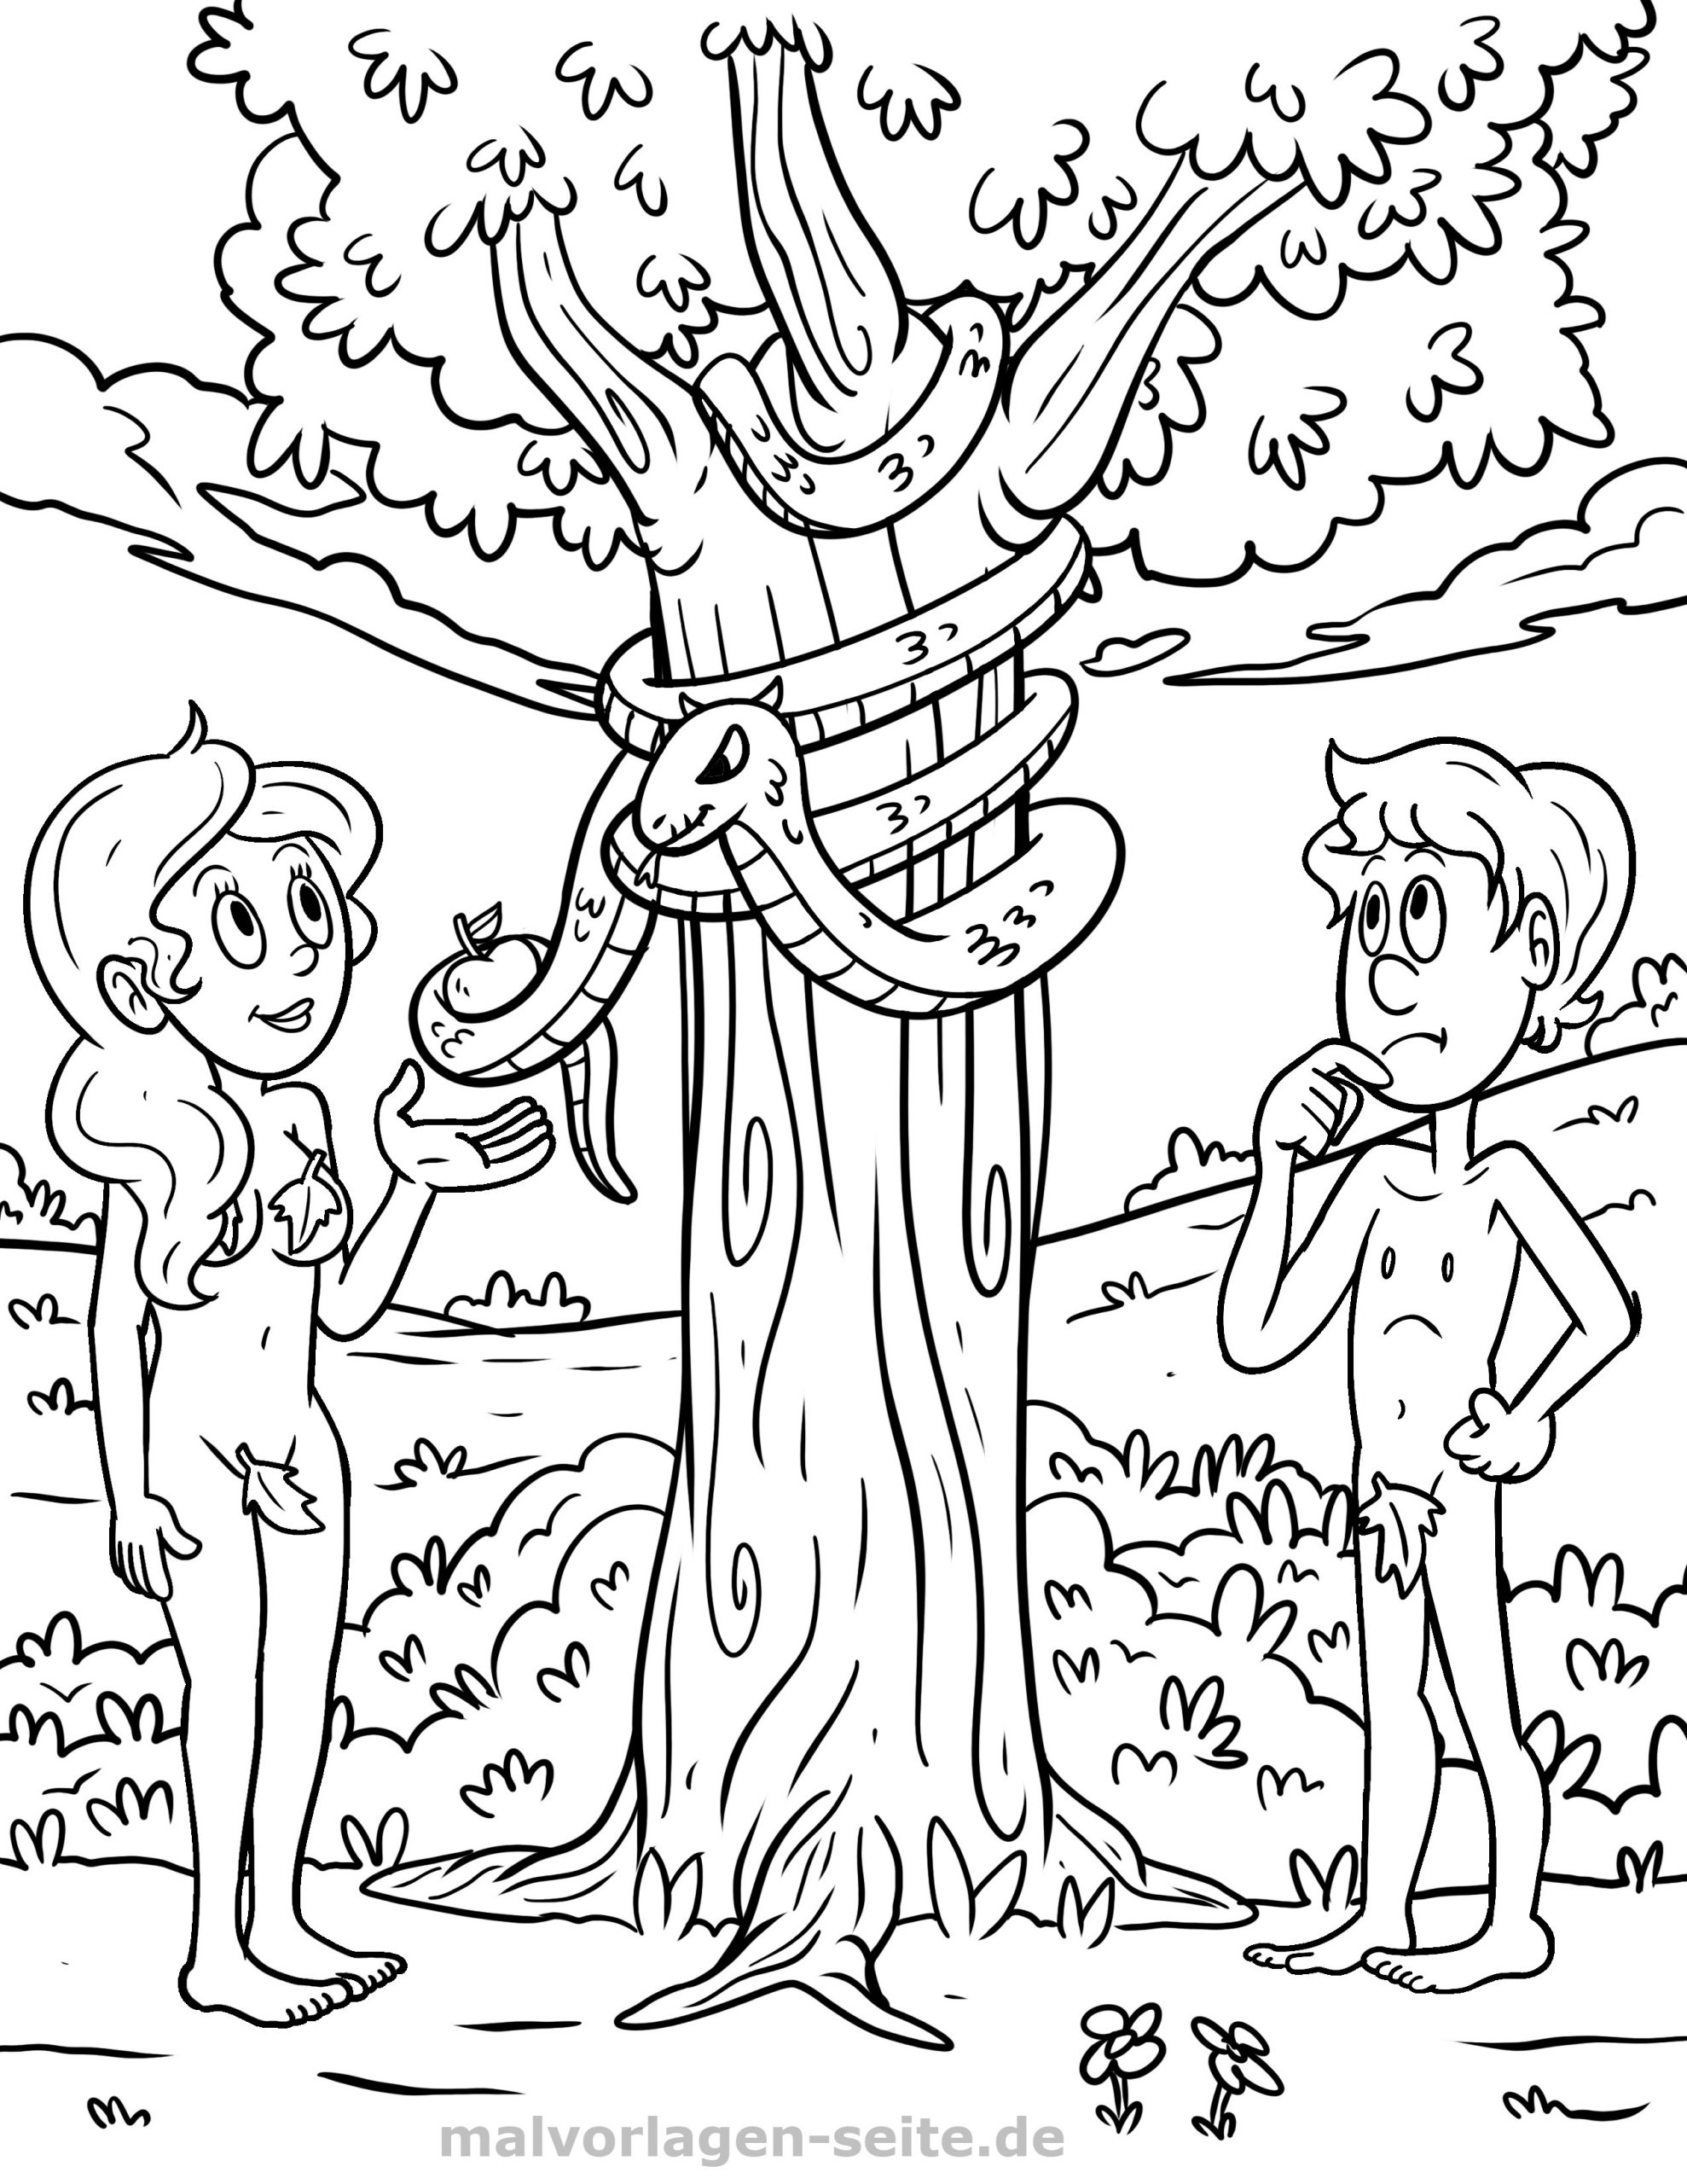 Malvorlage Religion - Adam Und Eva - Ausmalbilder Kostenlos für Malvorlage Adam Und Eva